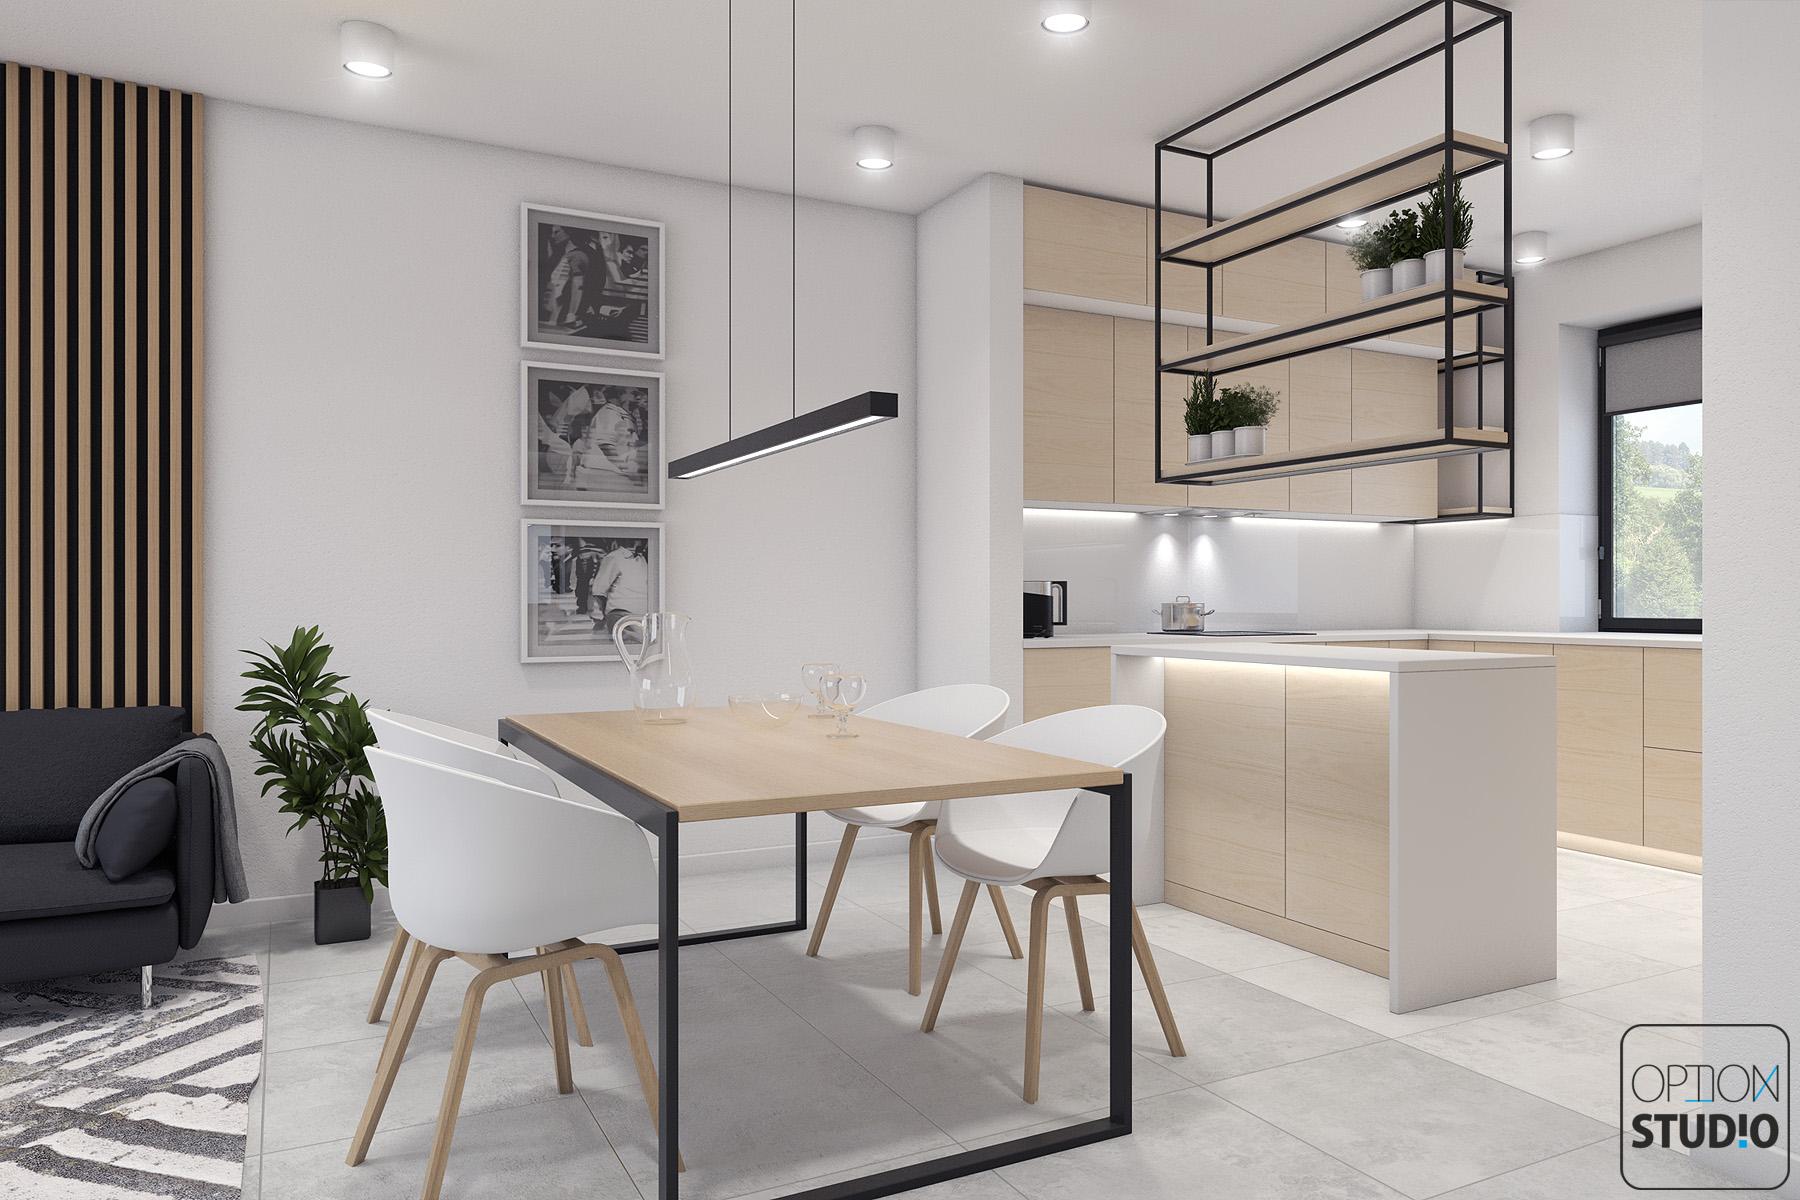 Architekt wnętrz - projekty wnętrz nowoczesnych - salon z aneksem kuchennym - aranżacje wnętrz domu pod Łodzią 3B